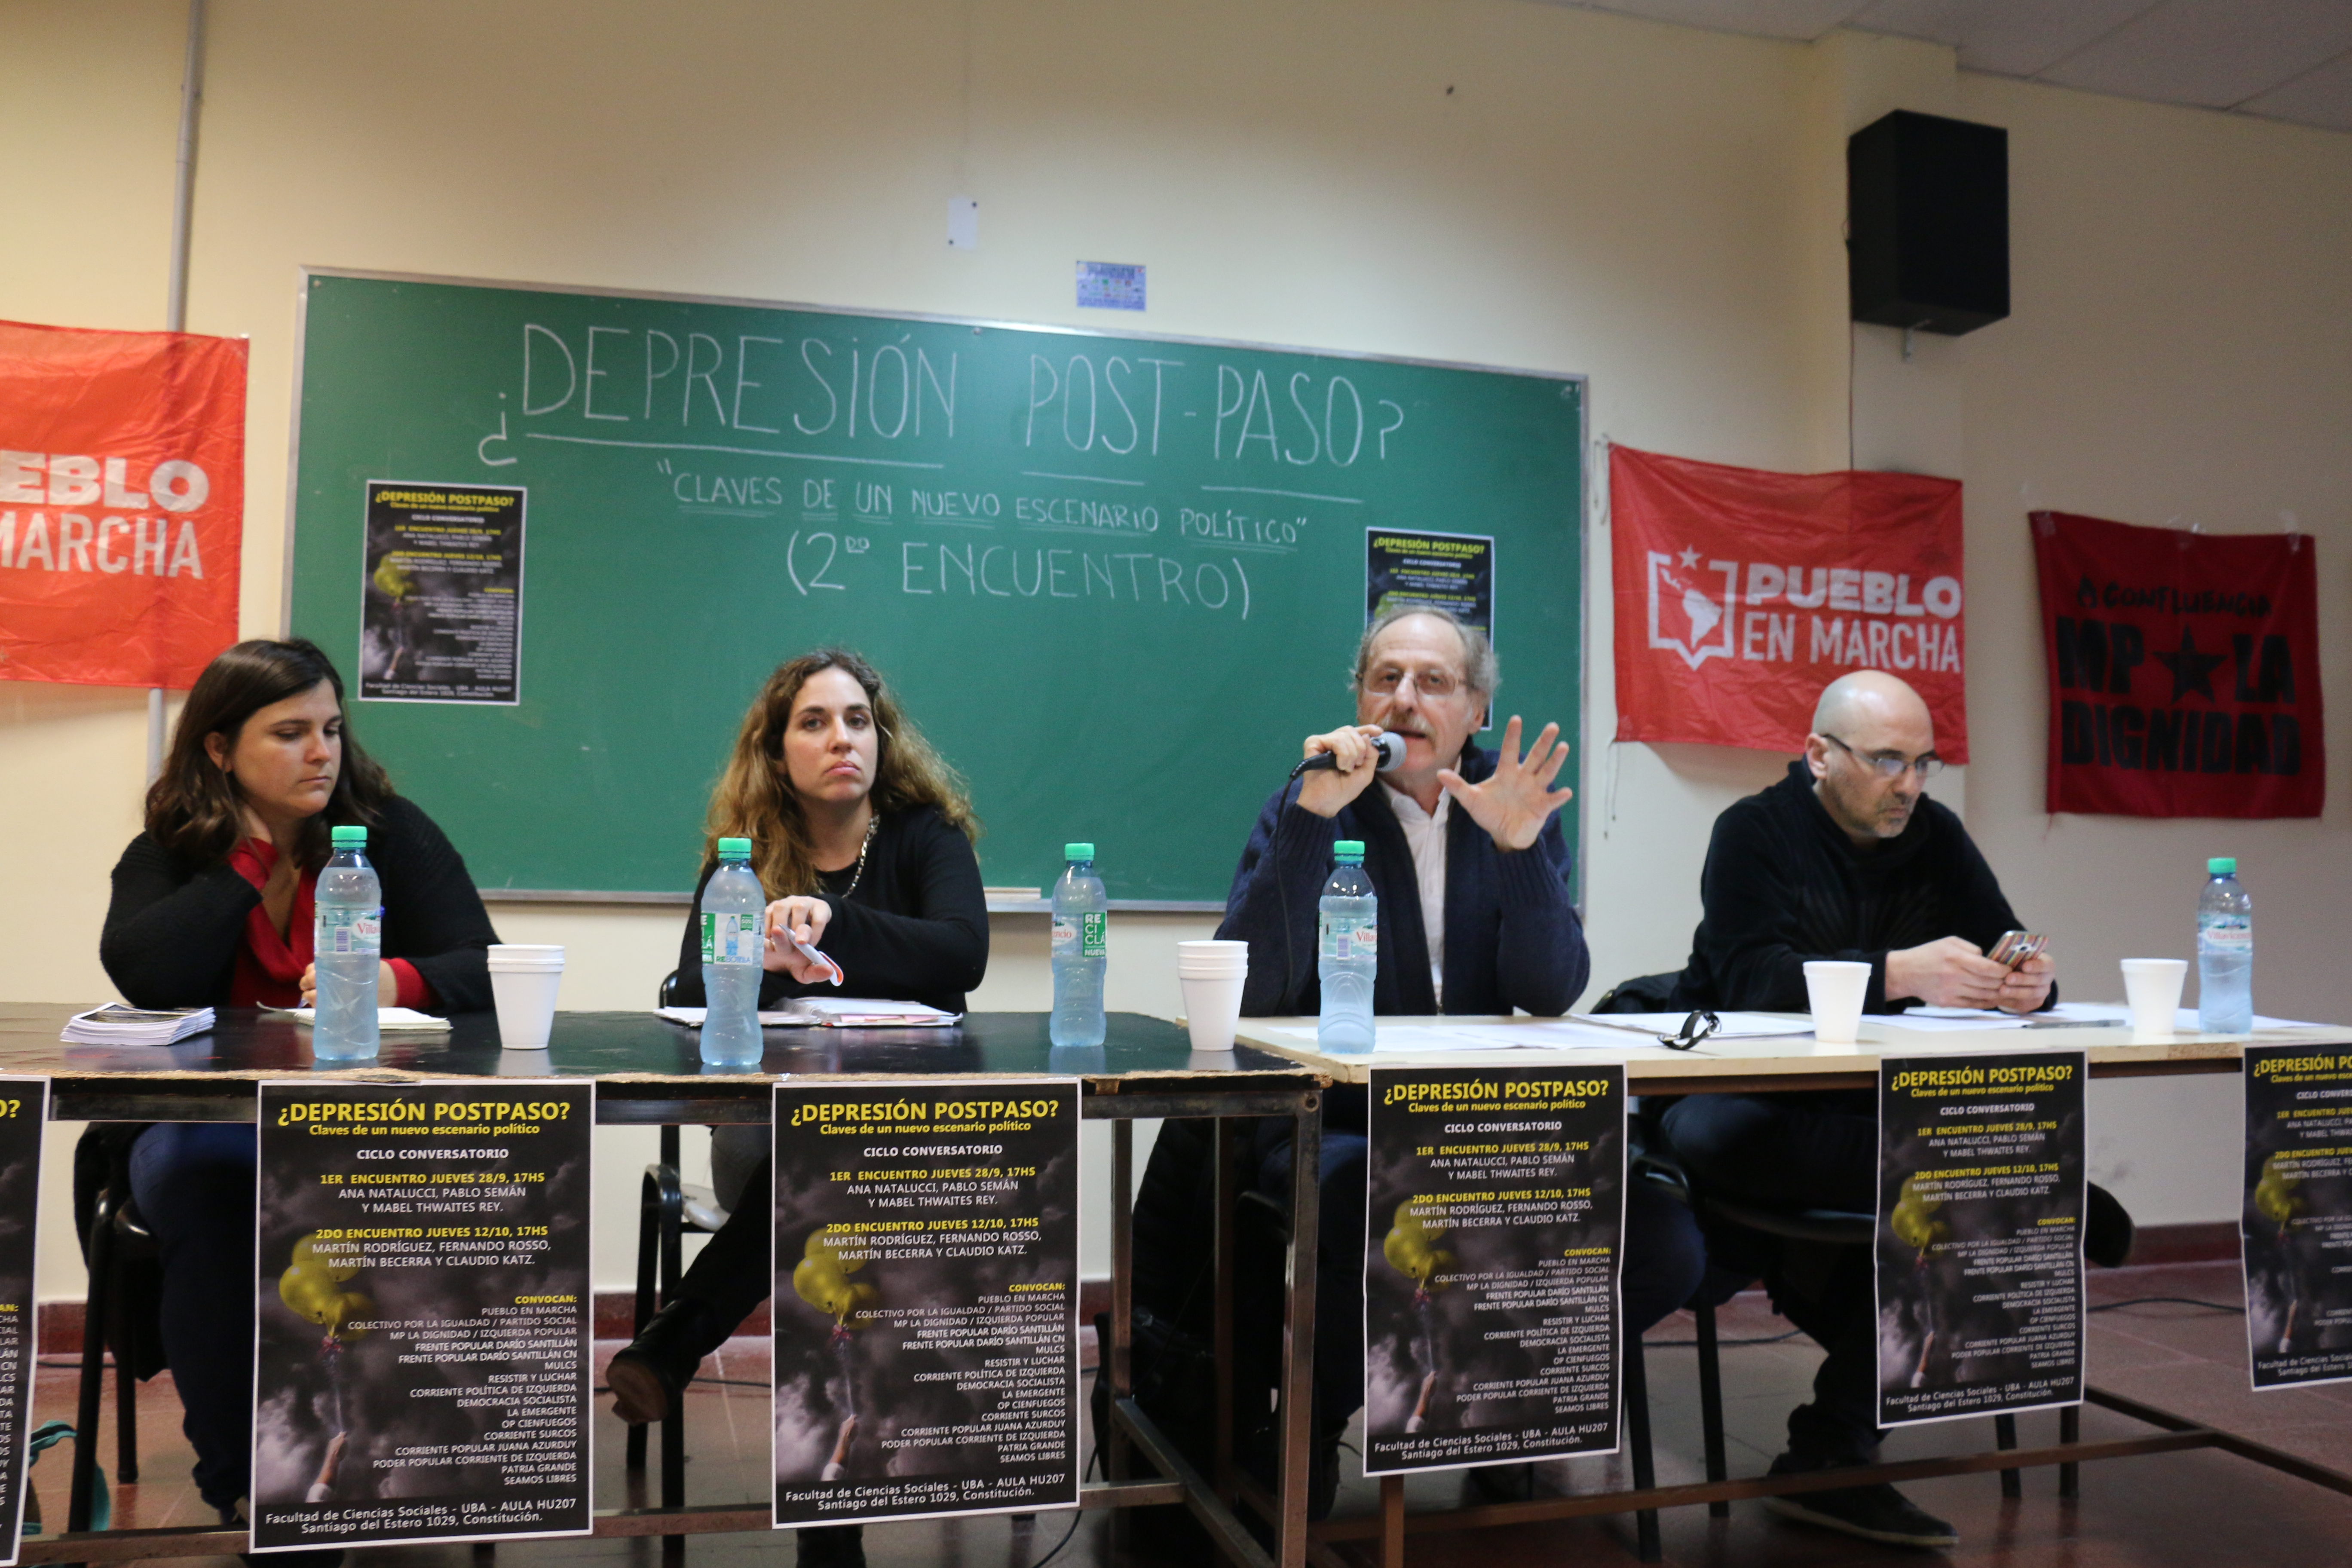 Depresión 'postpaso' (II). Democracia y hegemonía en cuestión